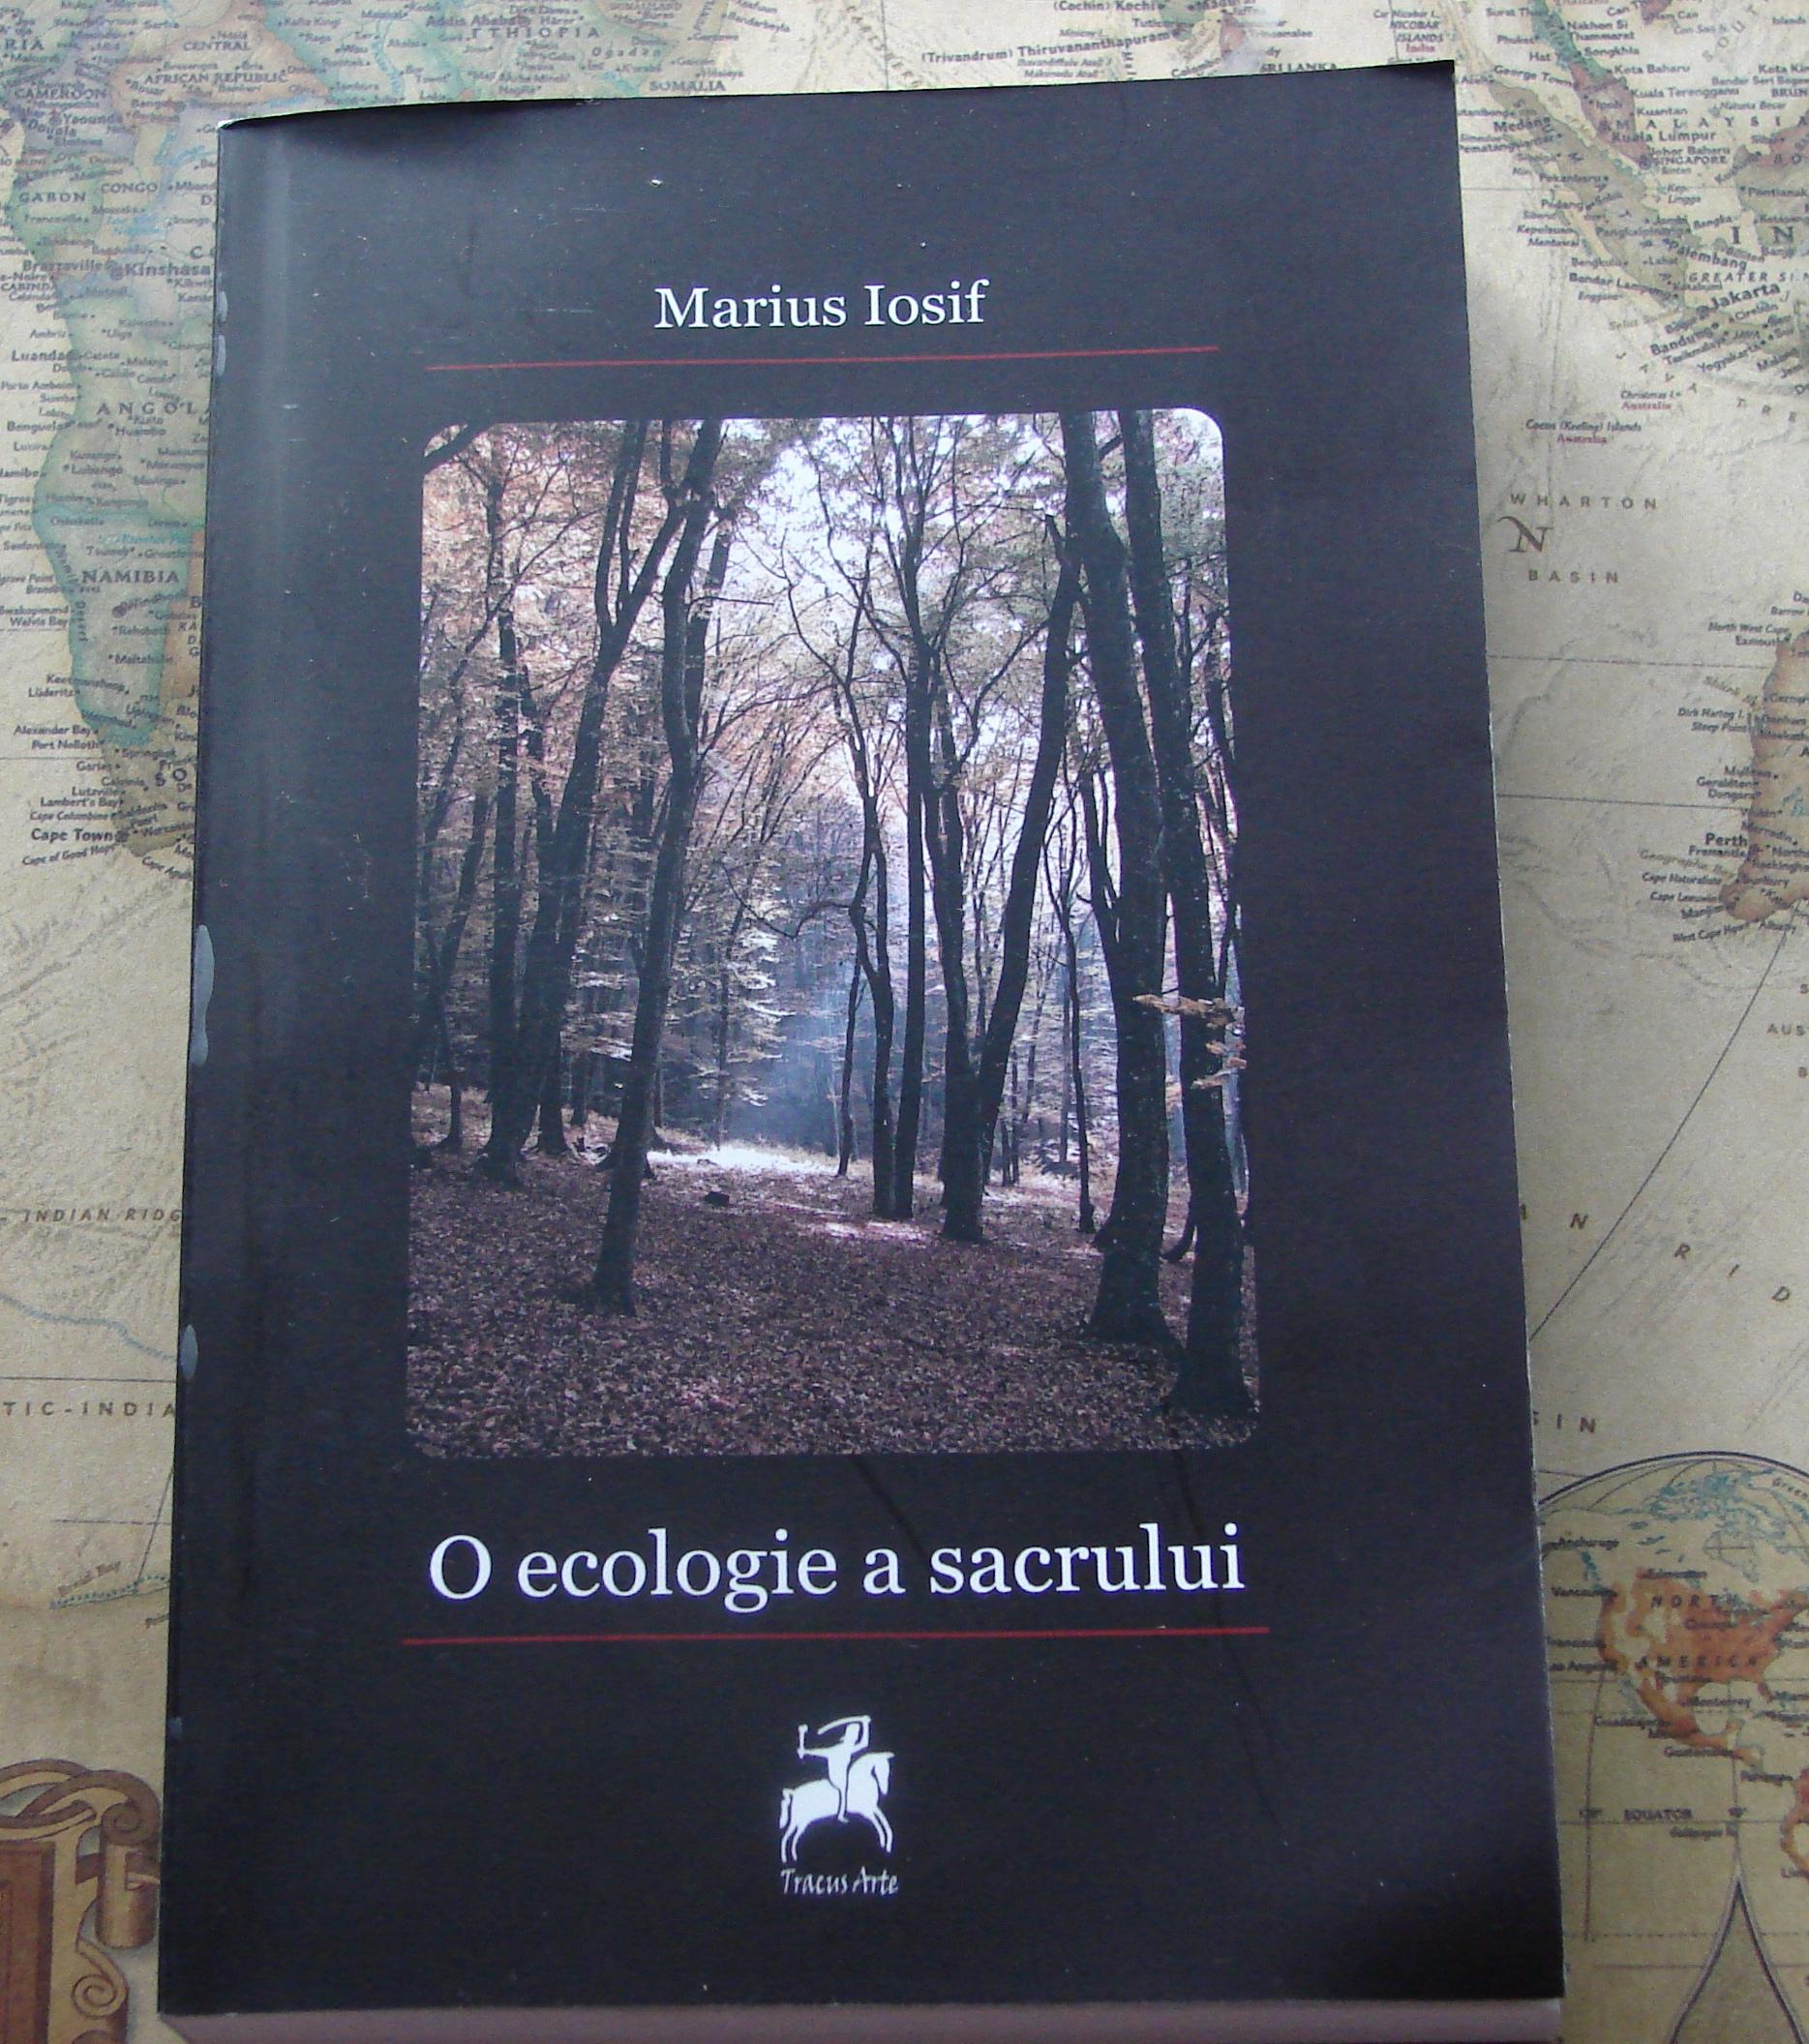 o ecologie a sacrului - marius iosif 001